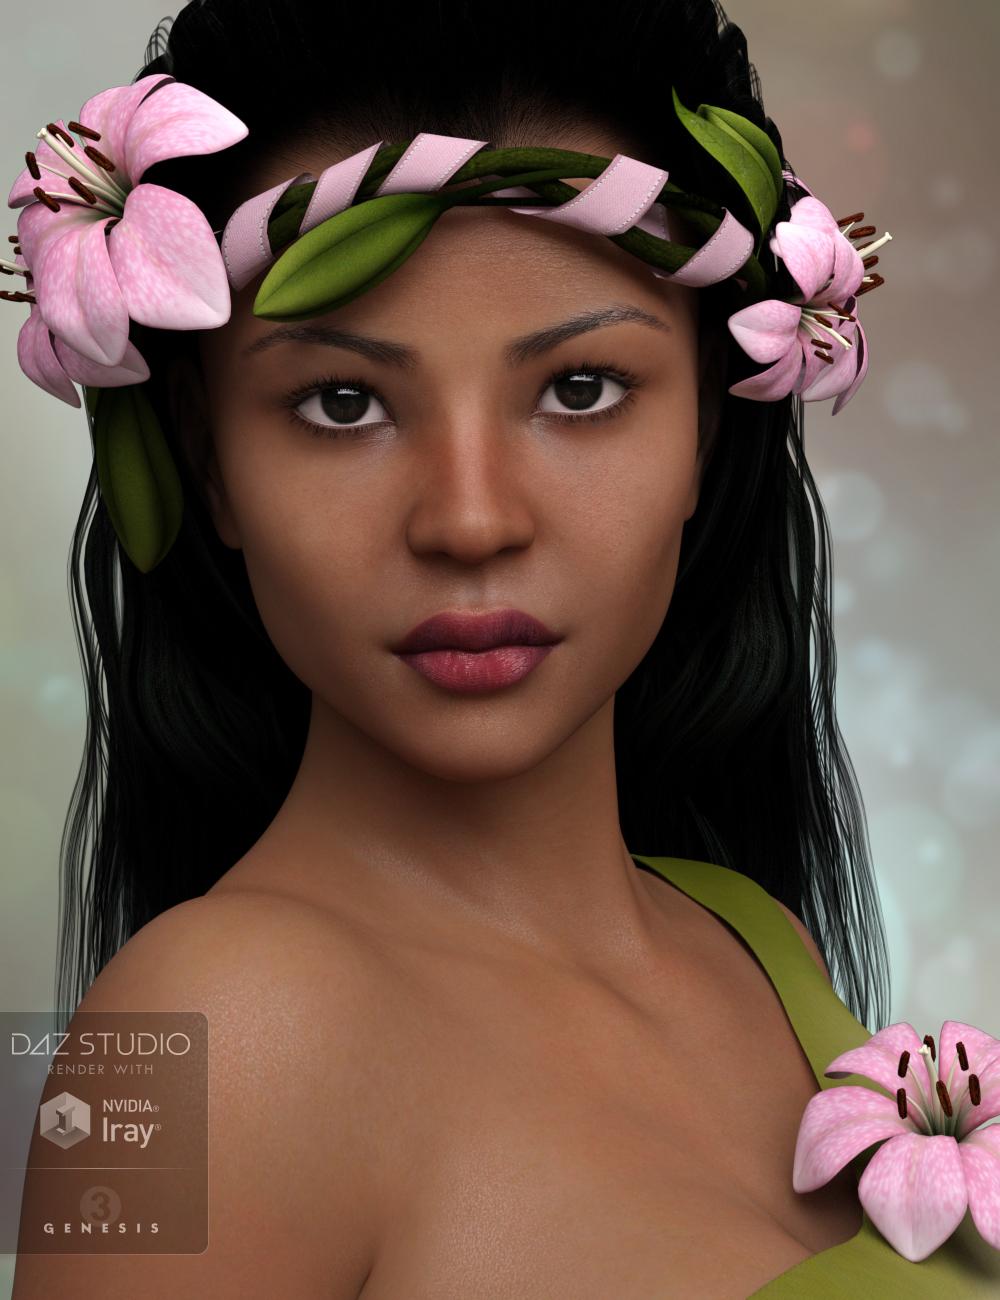 P3D Aluna by: P3Design, 3D Models by Daz 3D